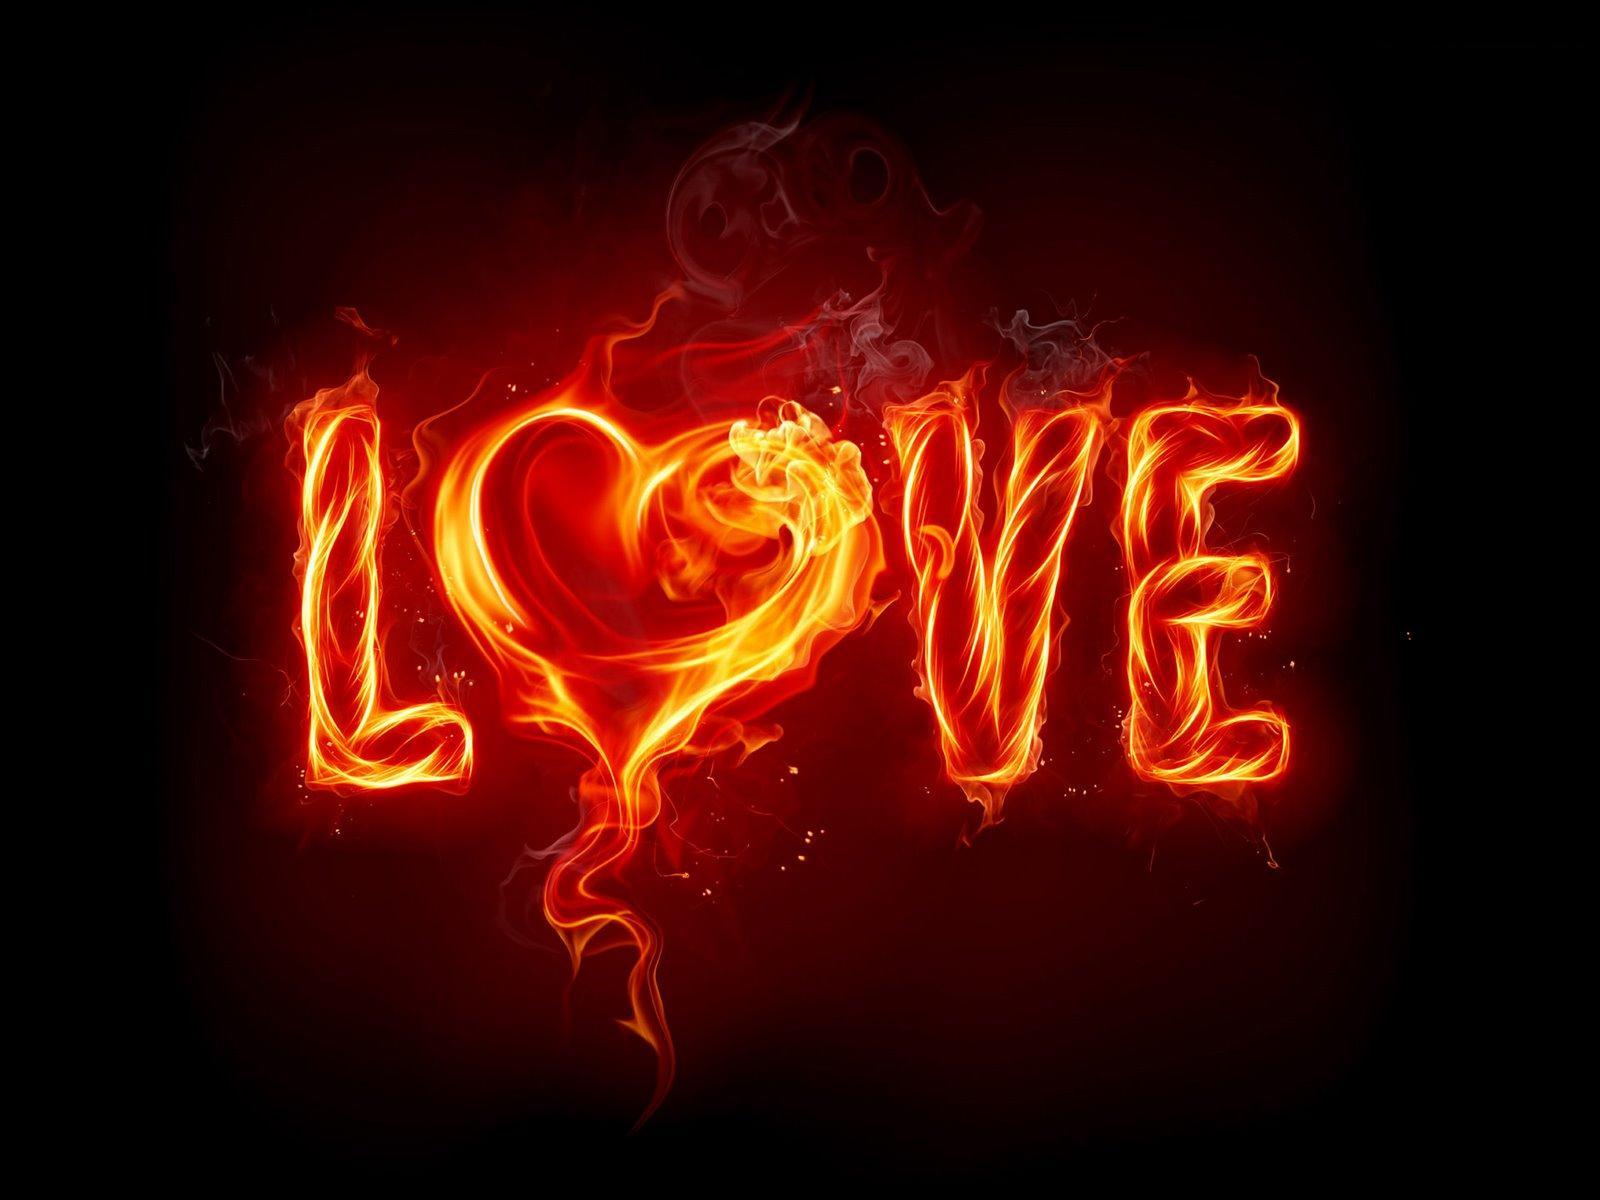 burning love wallpaper Best hd ipad wallpaper